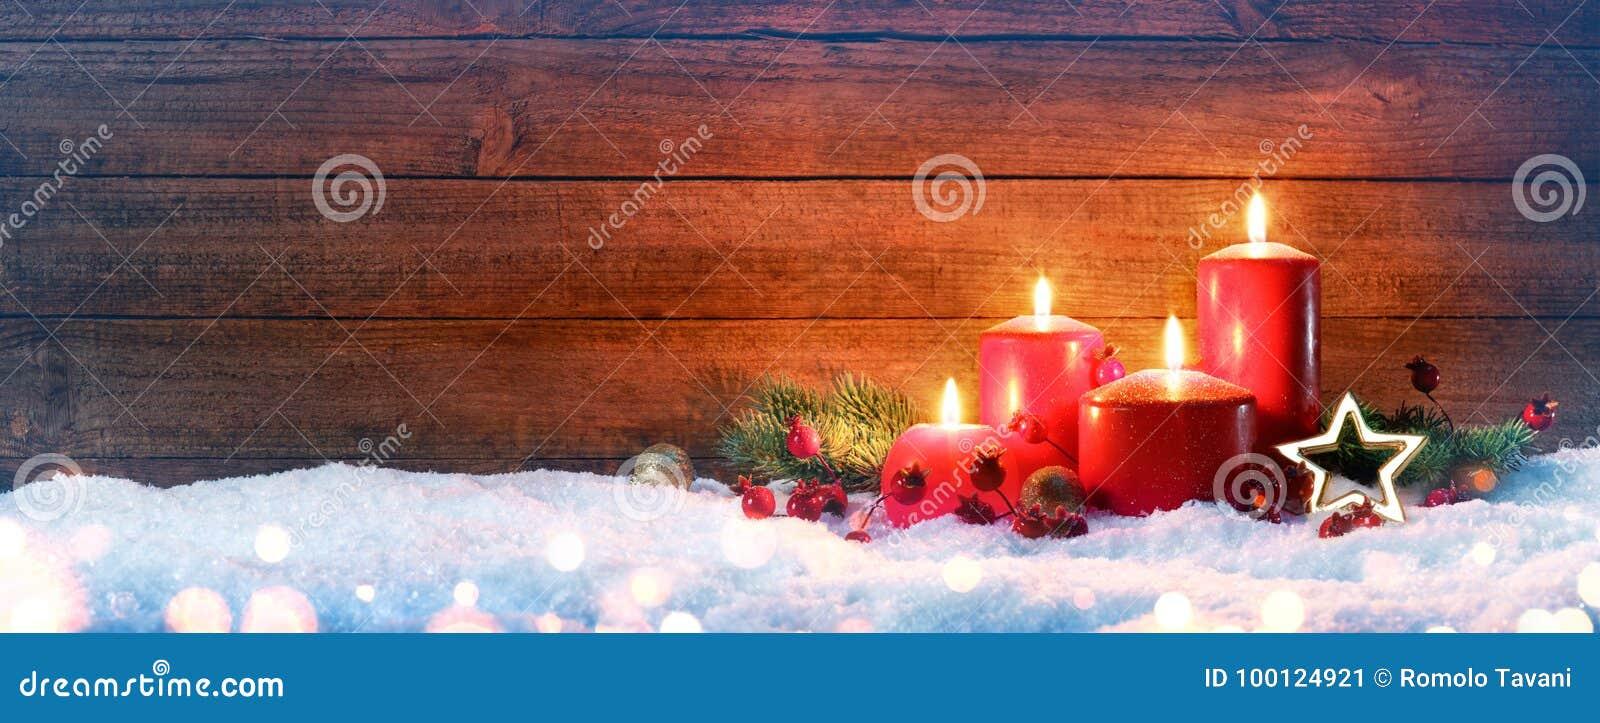 Сезон пришествия - 4 красных свечи на снеге